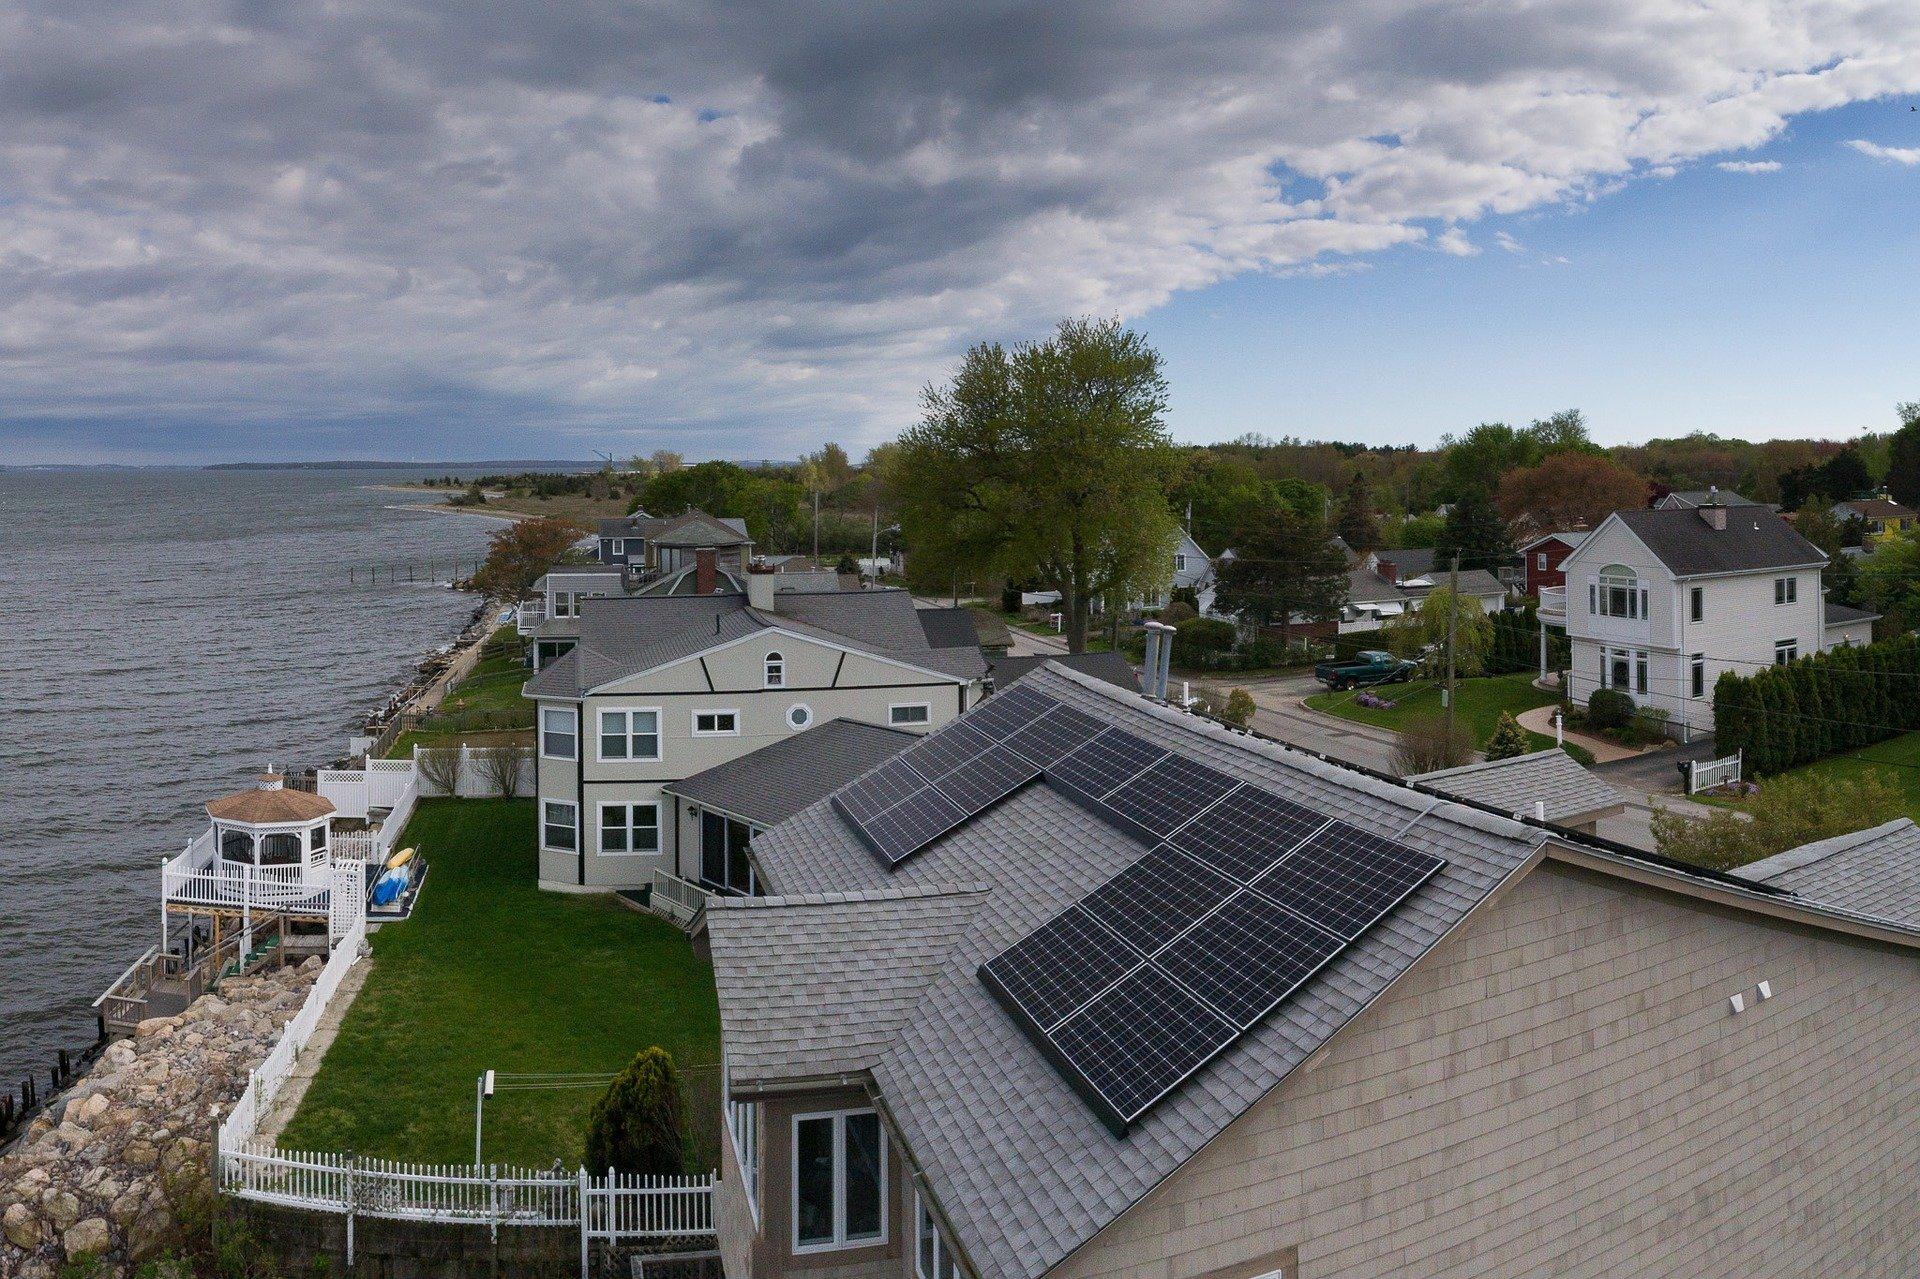 Optez pour un petit panneau solaire si vous souhaitez simplement utiliser cette énergie pour votre éclairage domestique. Ou alors, installez plusieurs panneaux puissants qui prendront en charge la totalité de votre besoin en électricité : éclairage, appareils ménagers, multimédias etc